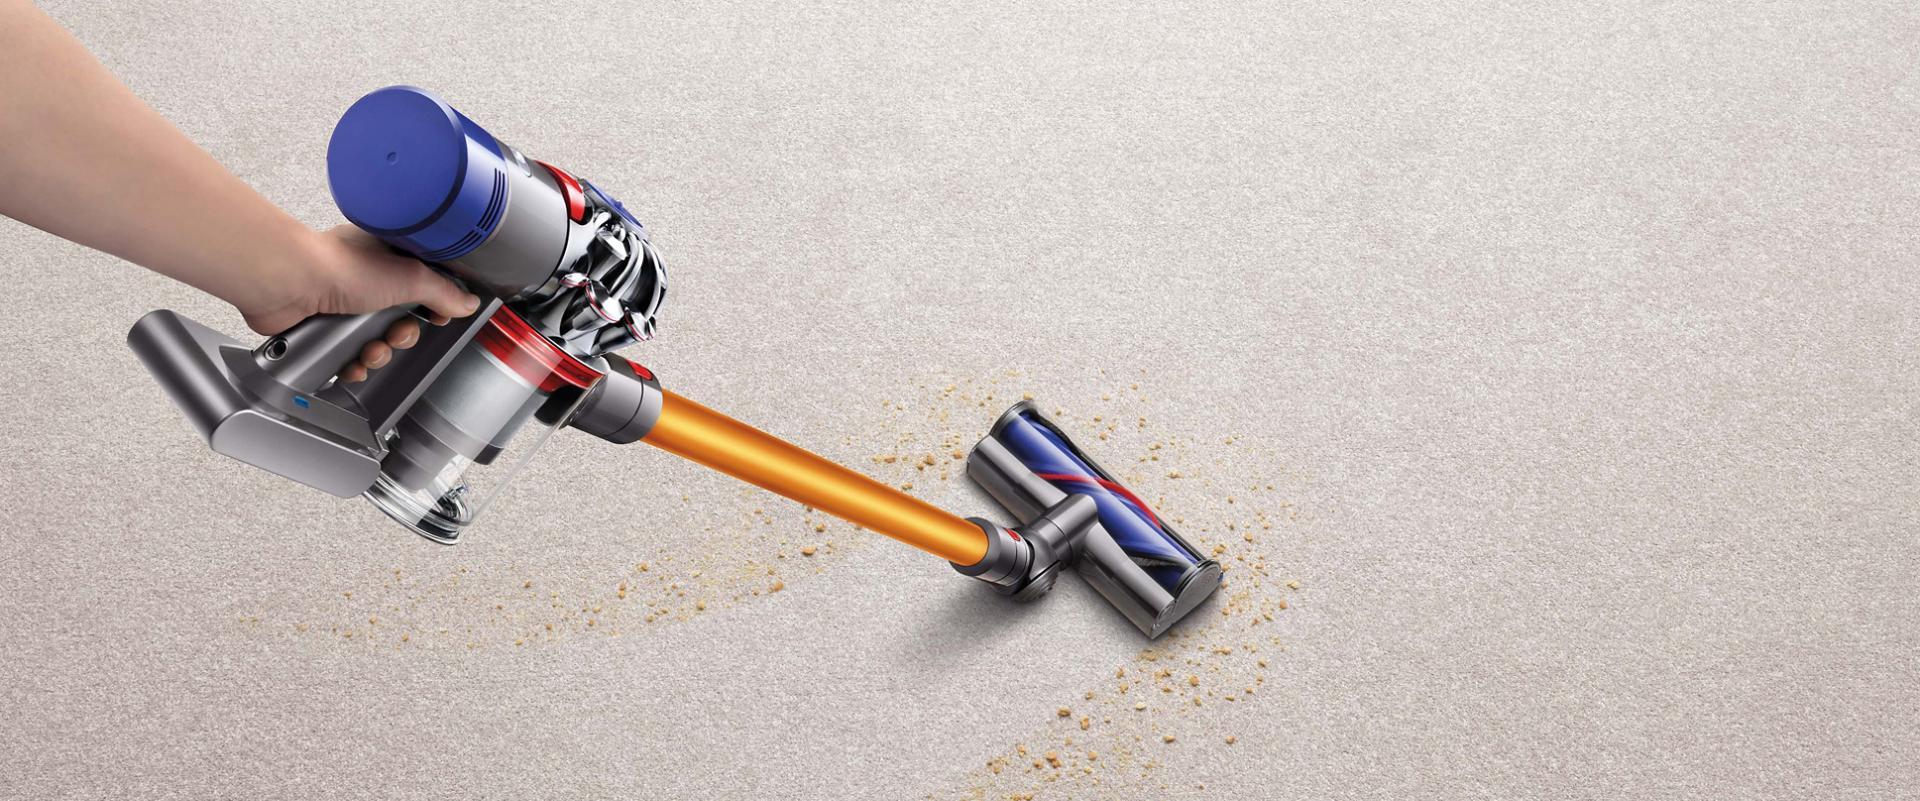 שואב אבק Dyson V8 אוסף לכלוך משטיח